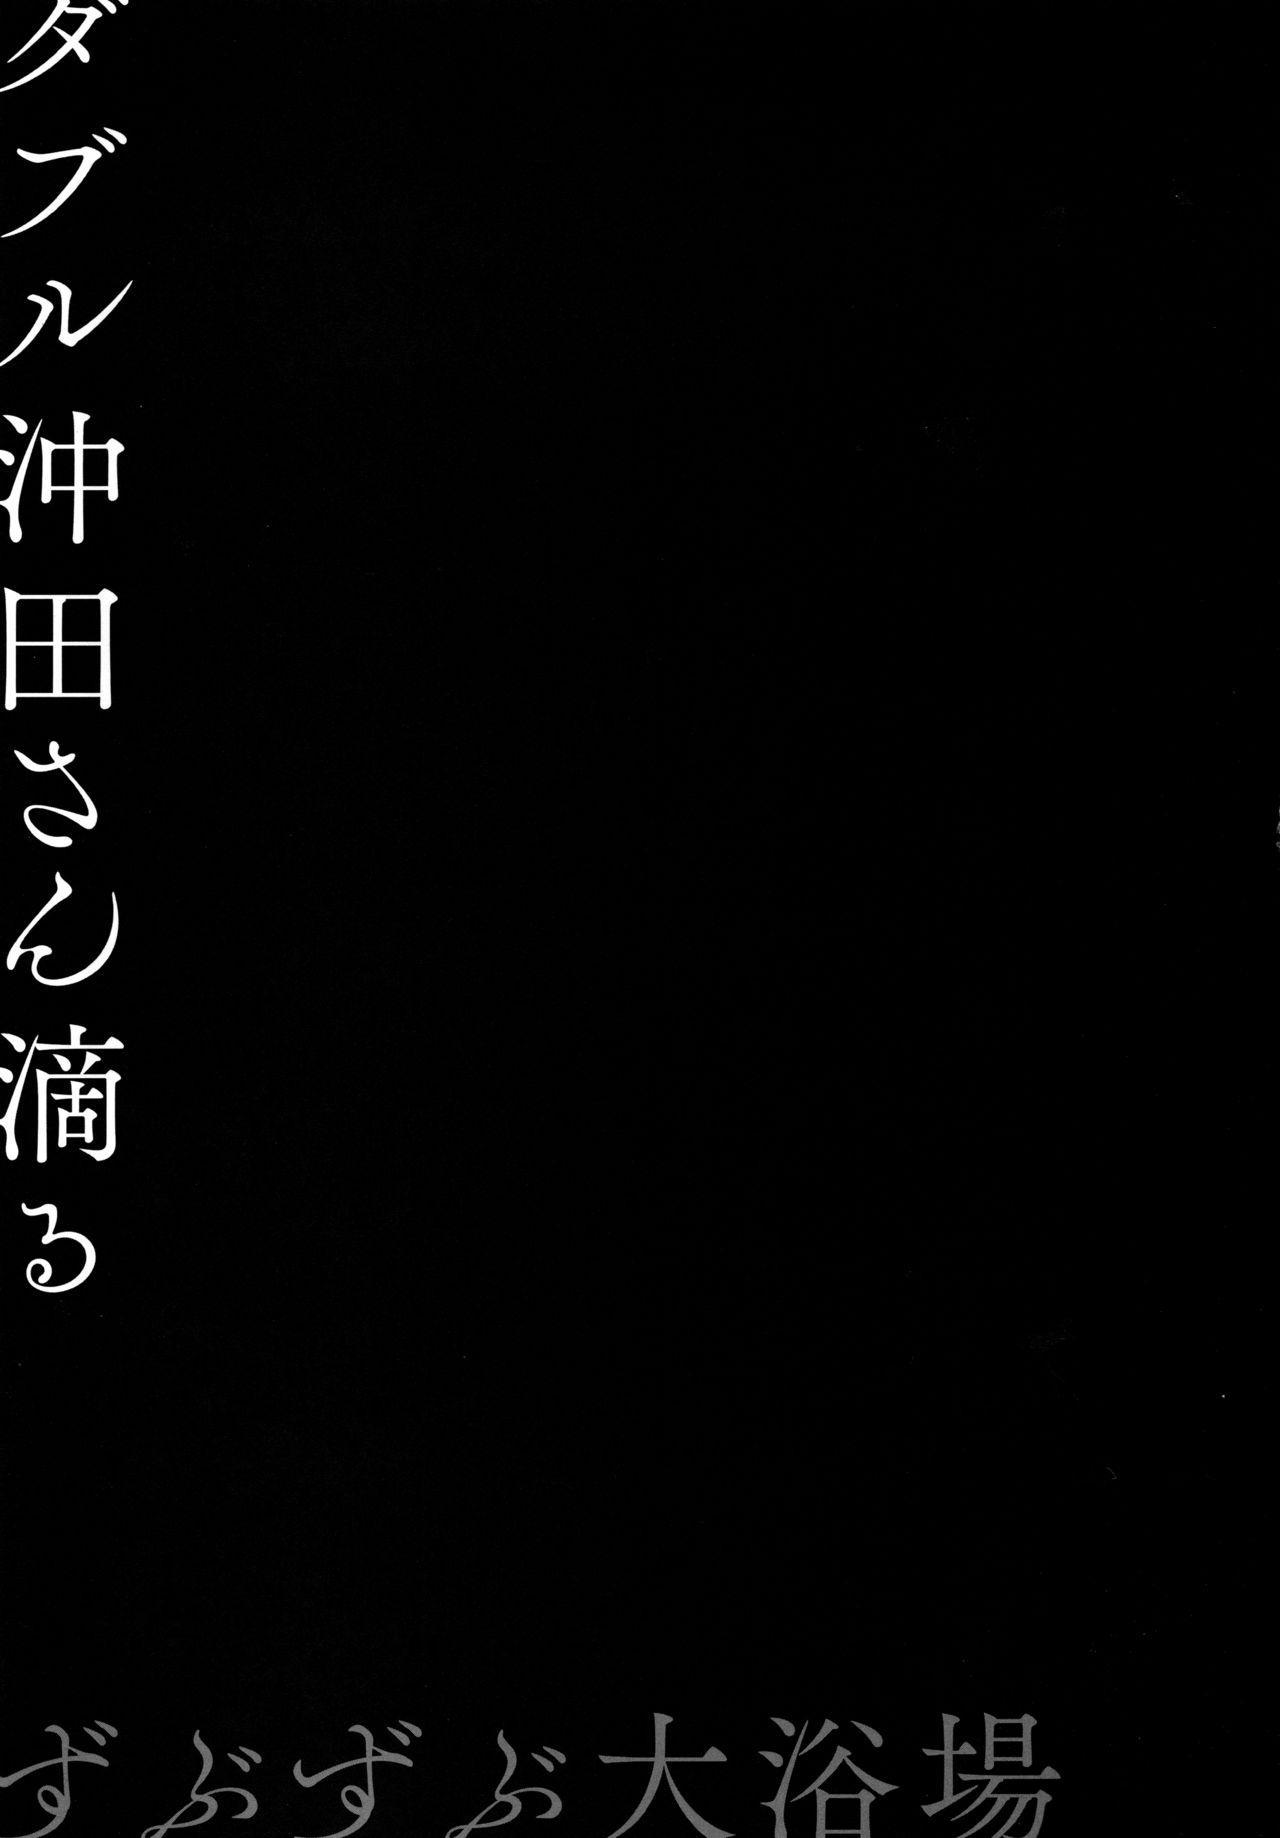 (C94) [Kinokonomi (konomi)] Double Okita-san Shitataru -Zubuzubu Daiyokujou- (Fate/Grand Order) [English] {Hennojin} 16